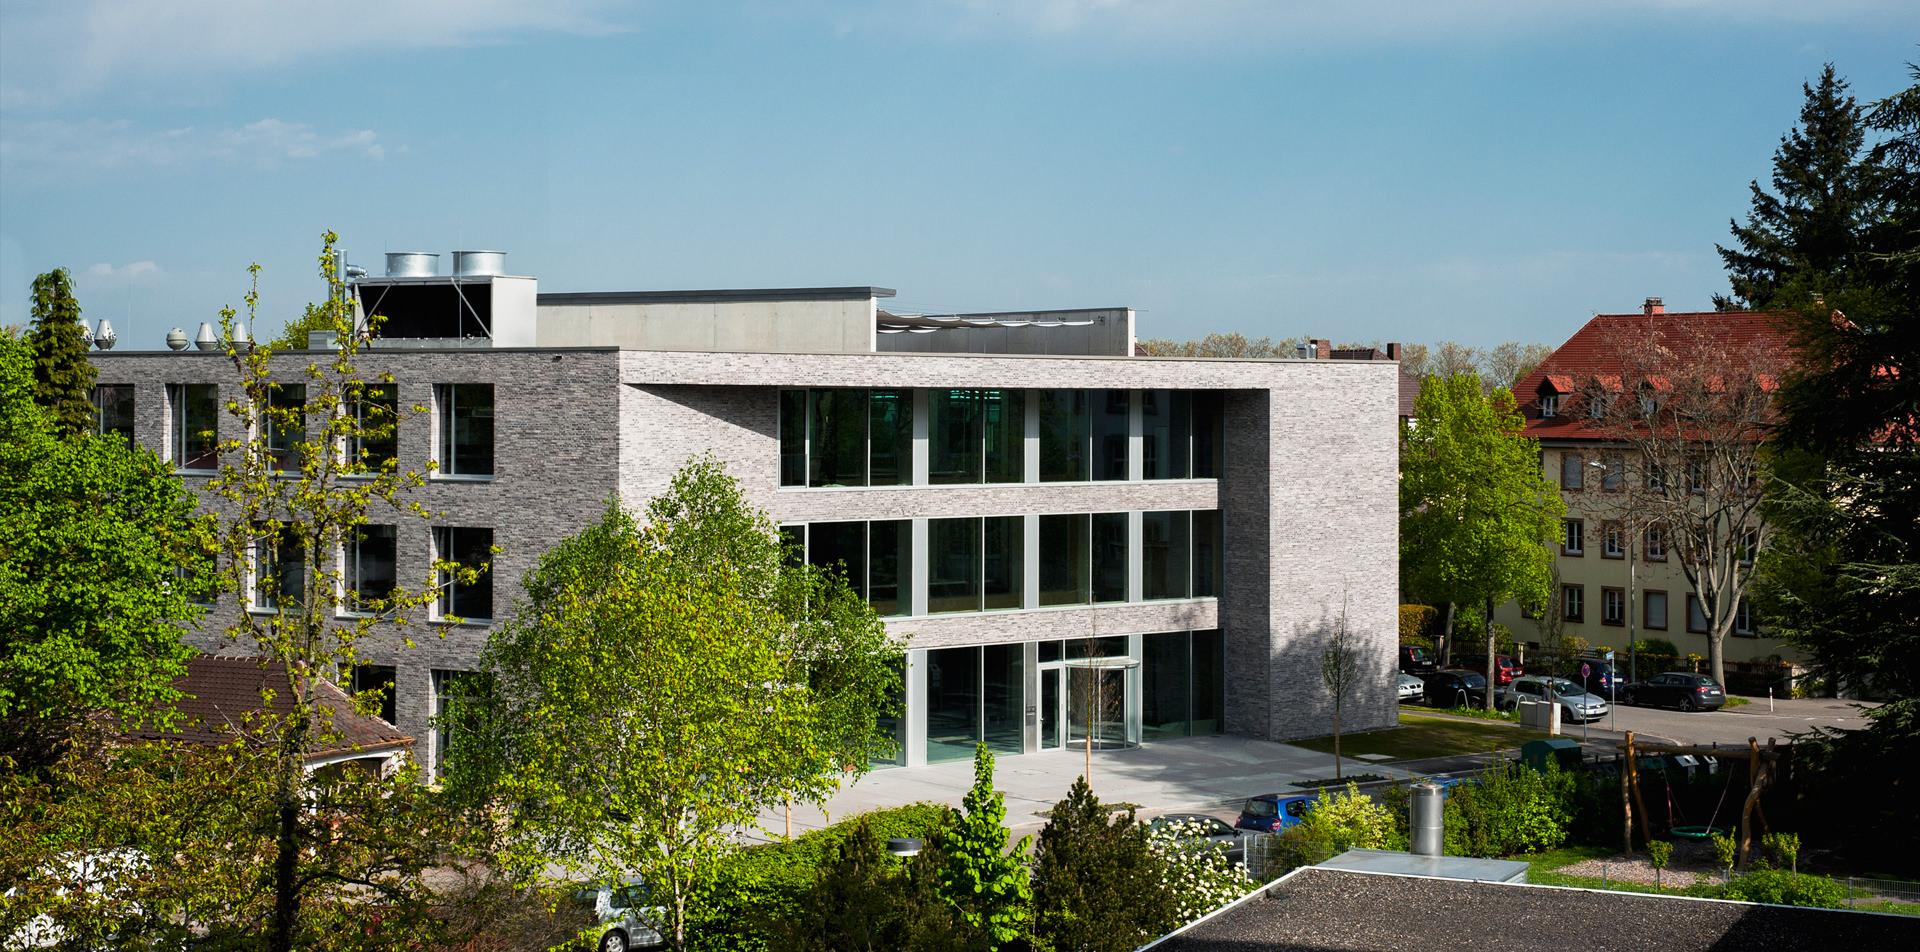 BIOSS Freiburg 6 - ArGe Architekten